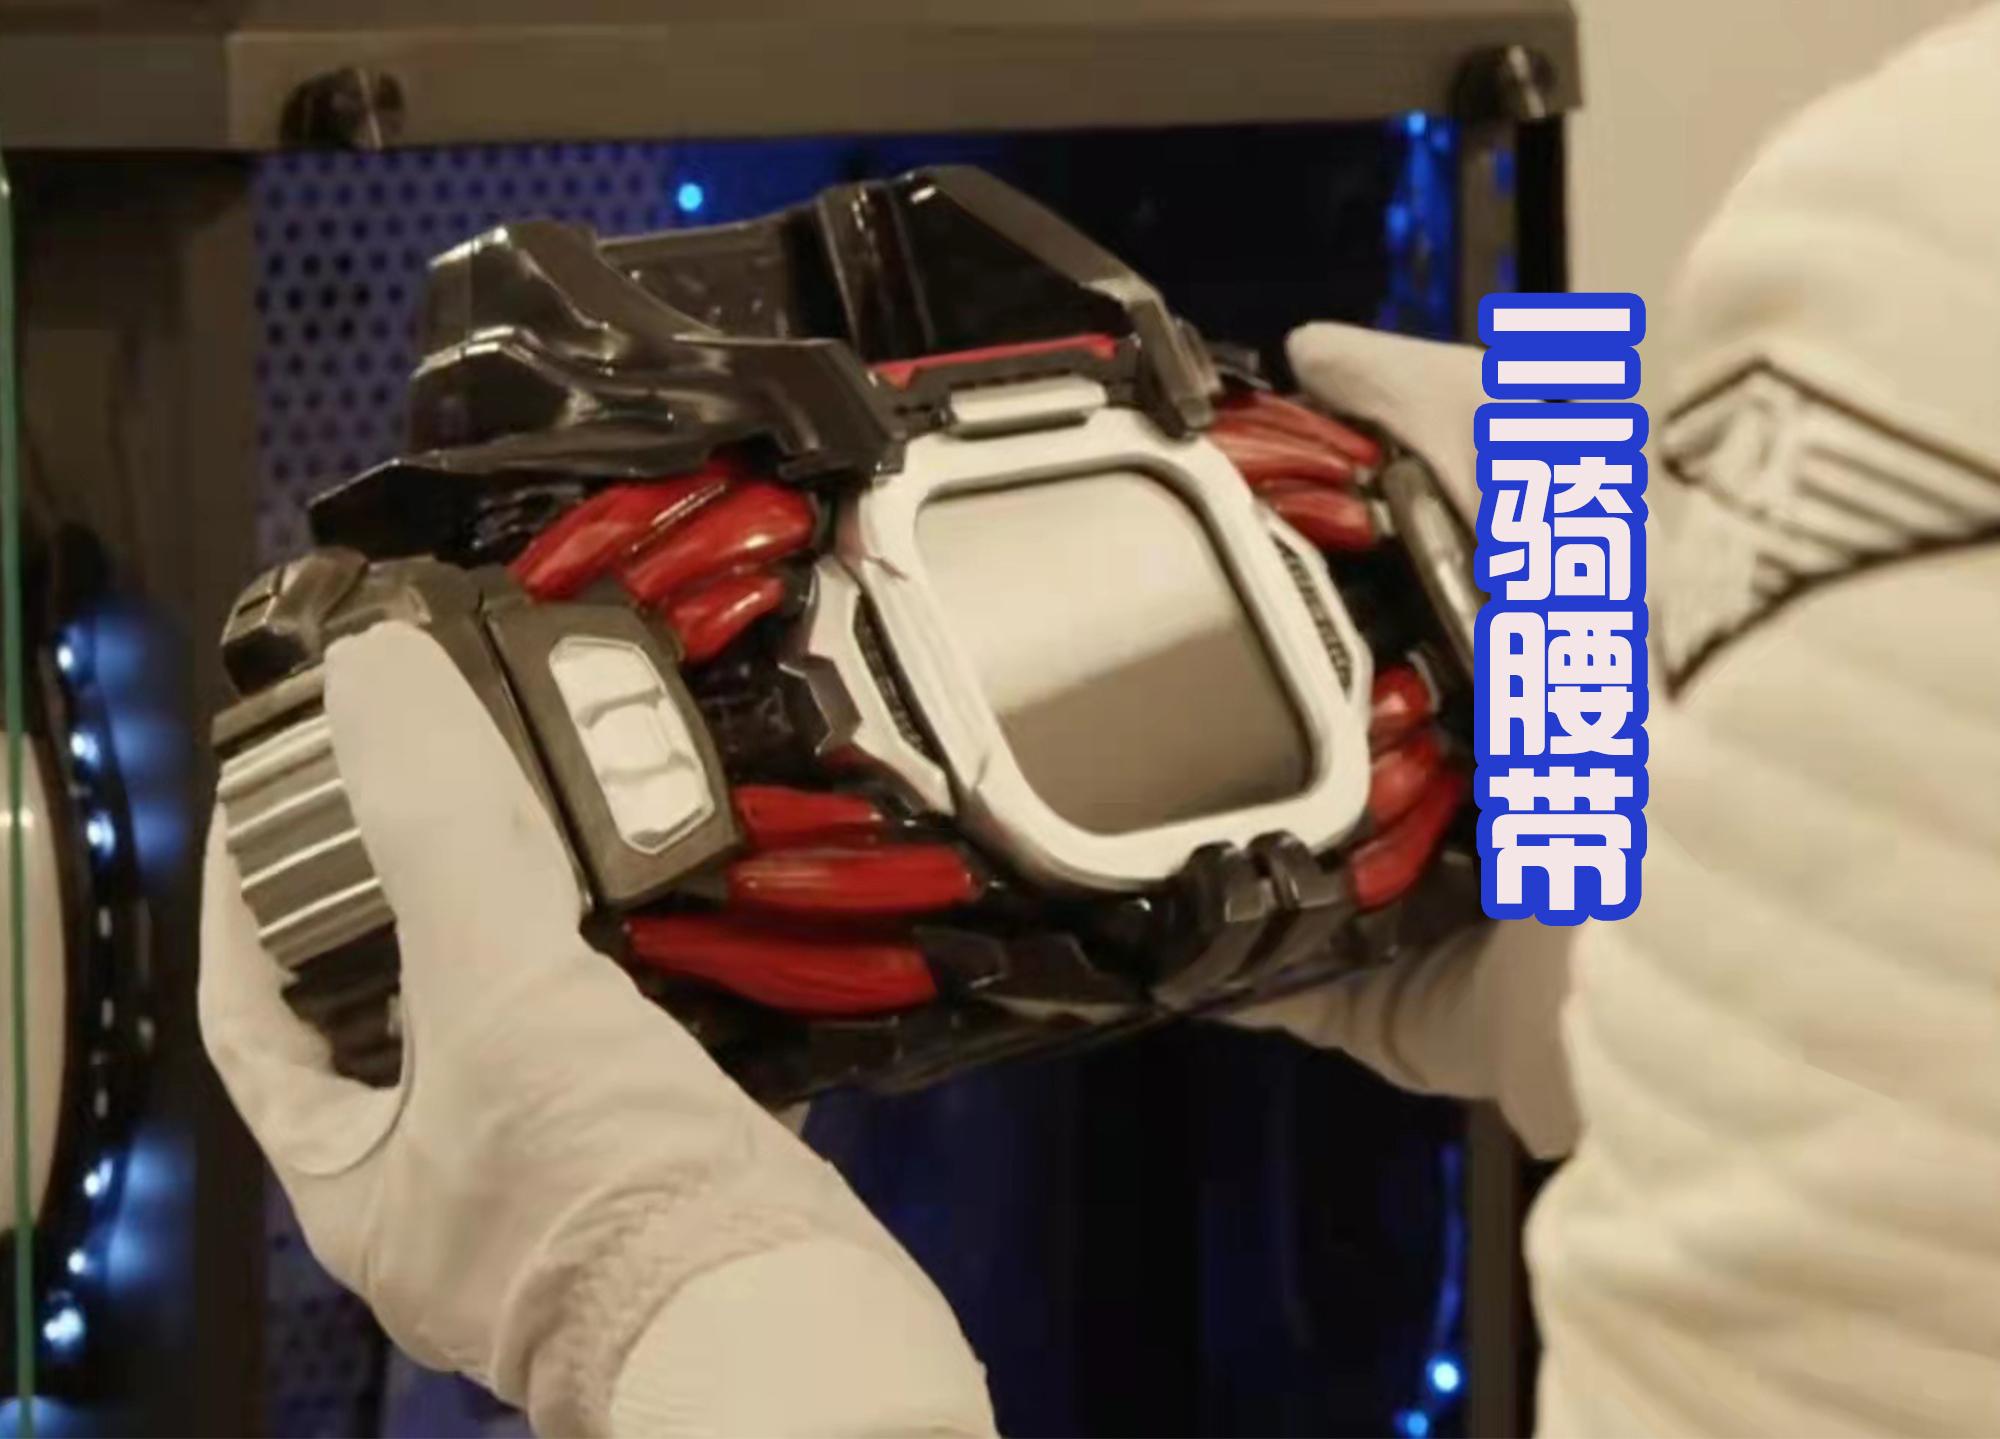 诚恳人门田逆袭,拿到新腰带,变身蜘蛛三骑,就是外型很诡